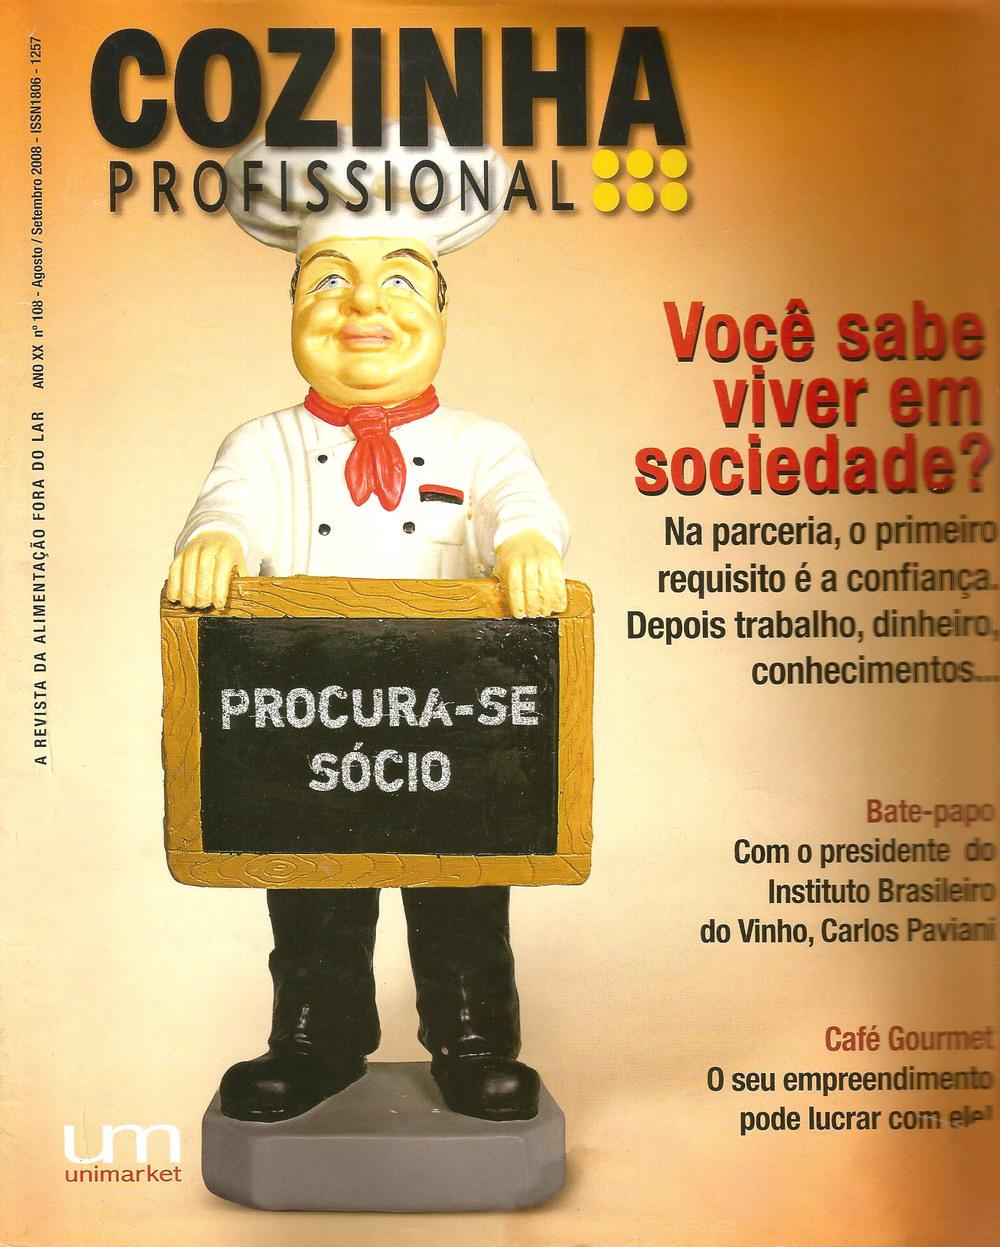 materia-revista-cozinha-profissional-o-que-seu-restaurante-serve-01.jpg